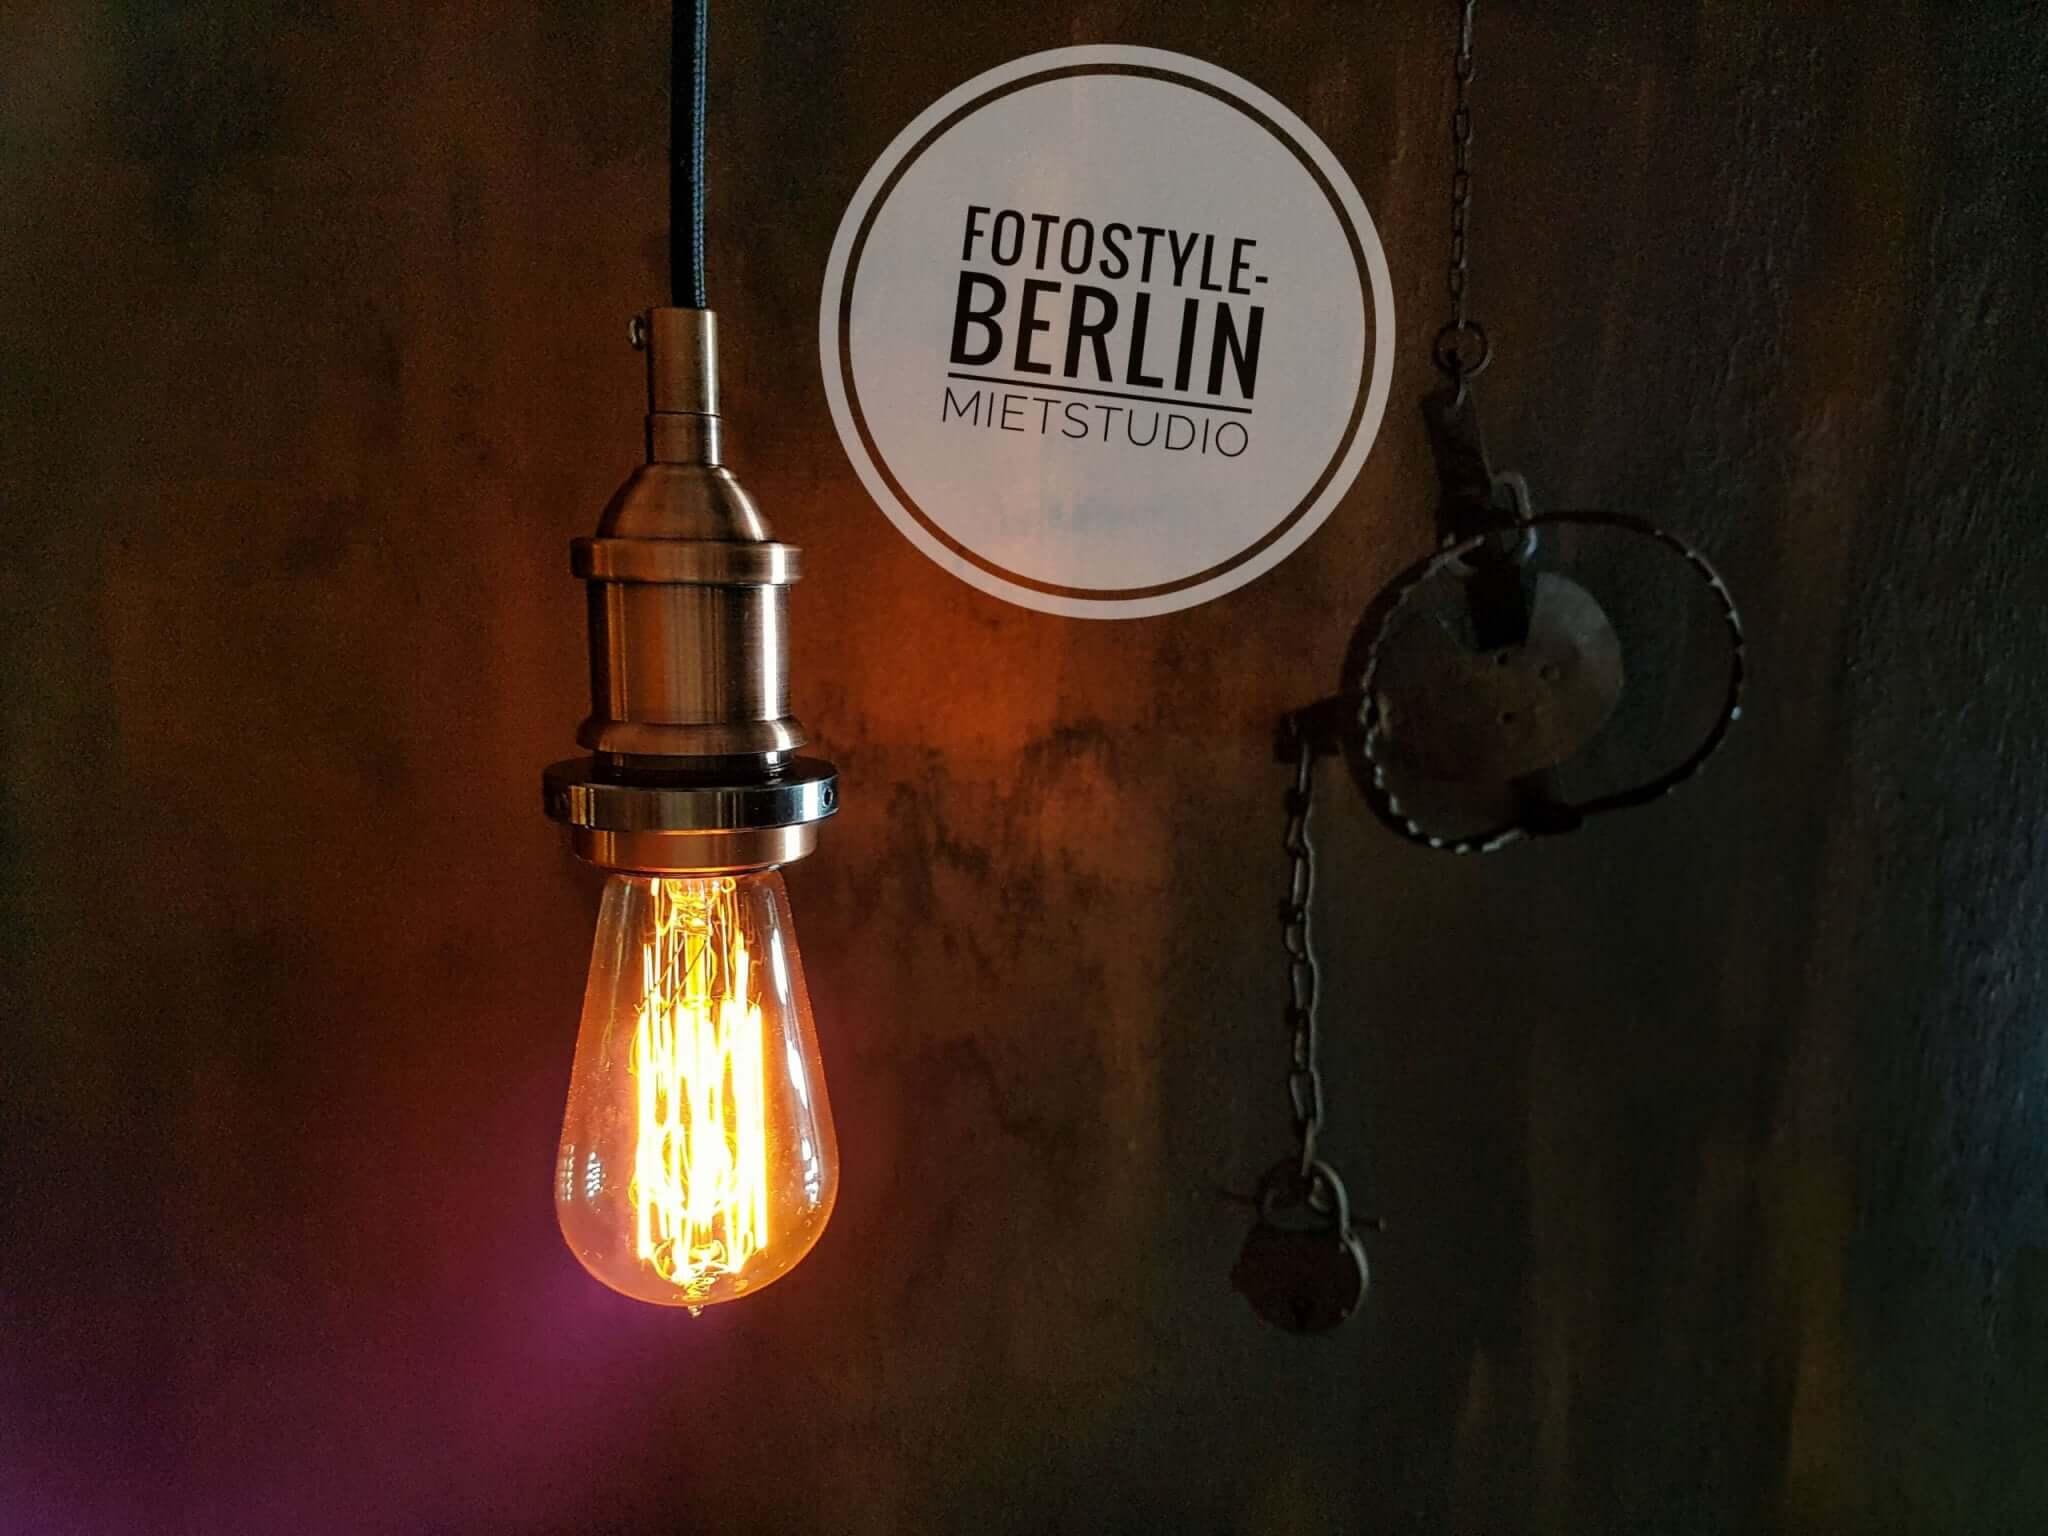 fotostudio in berlin mieten lampe scaled - Mietstudio in Berlin - Fotostudio mieten - Fotostyle Berlin